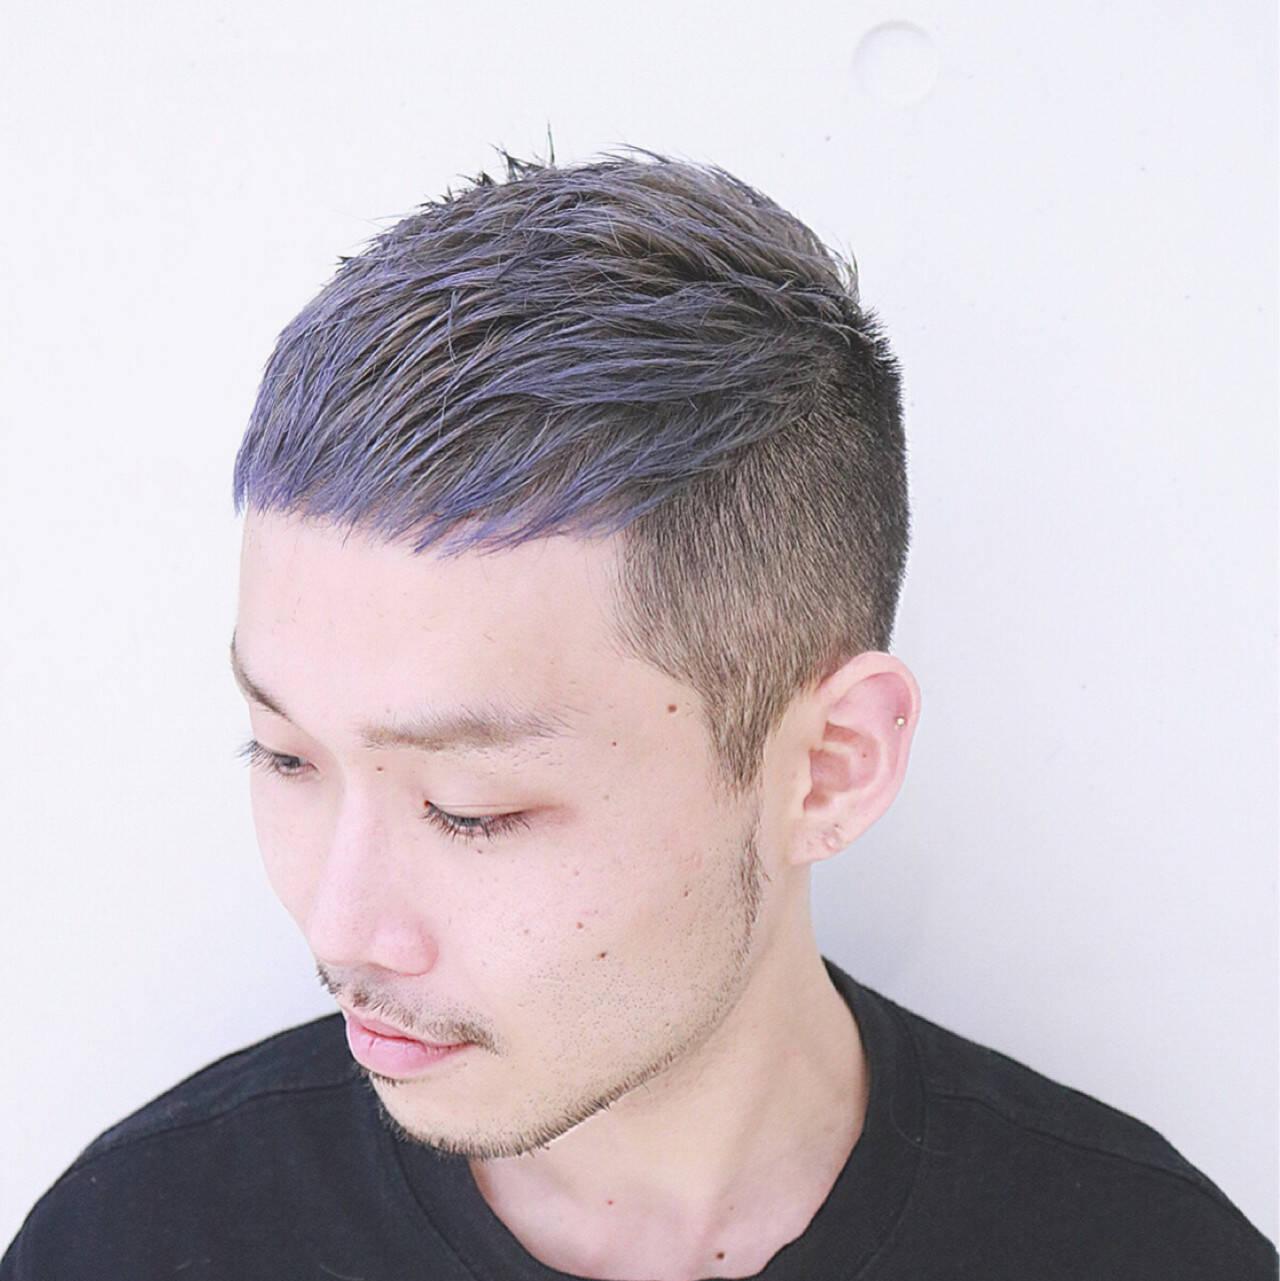 ボーイッシュ メンズ 外国人風 アッシュヘアスタイルや髪型の写真・画像